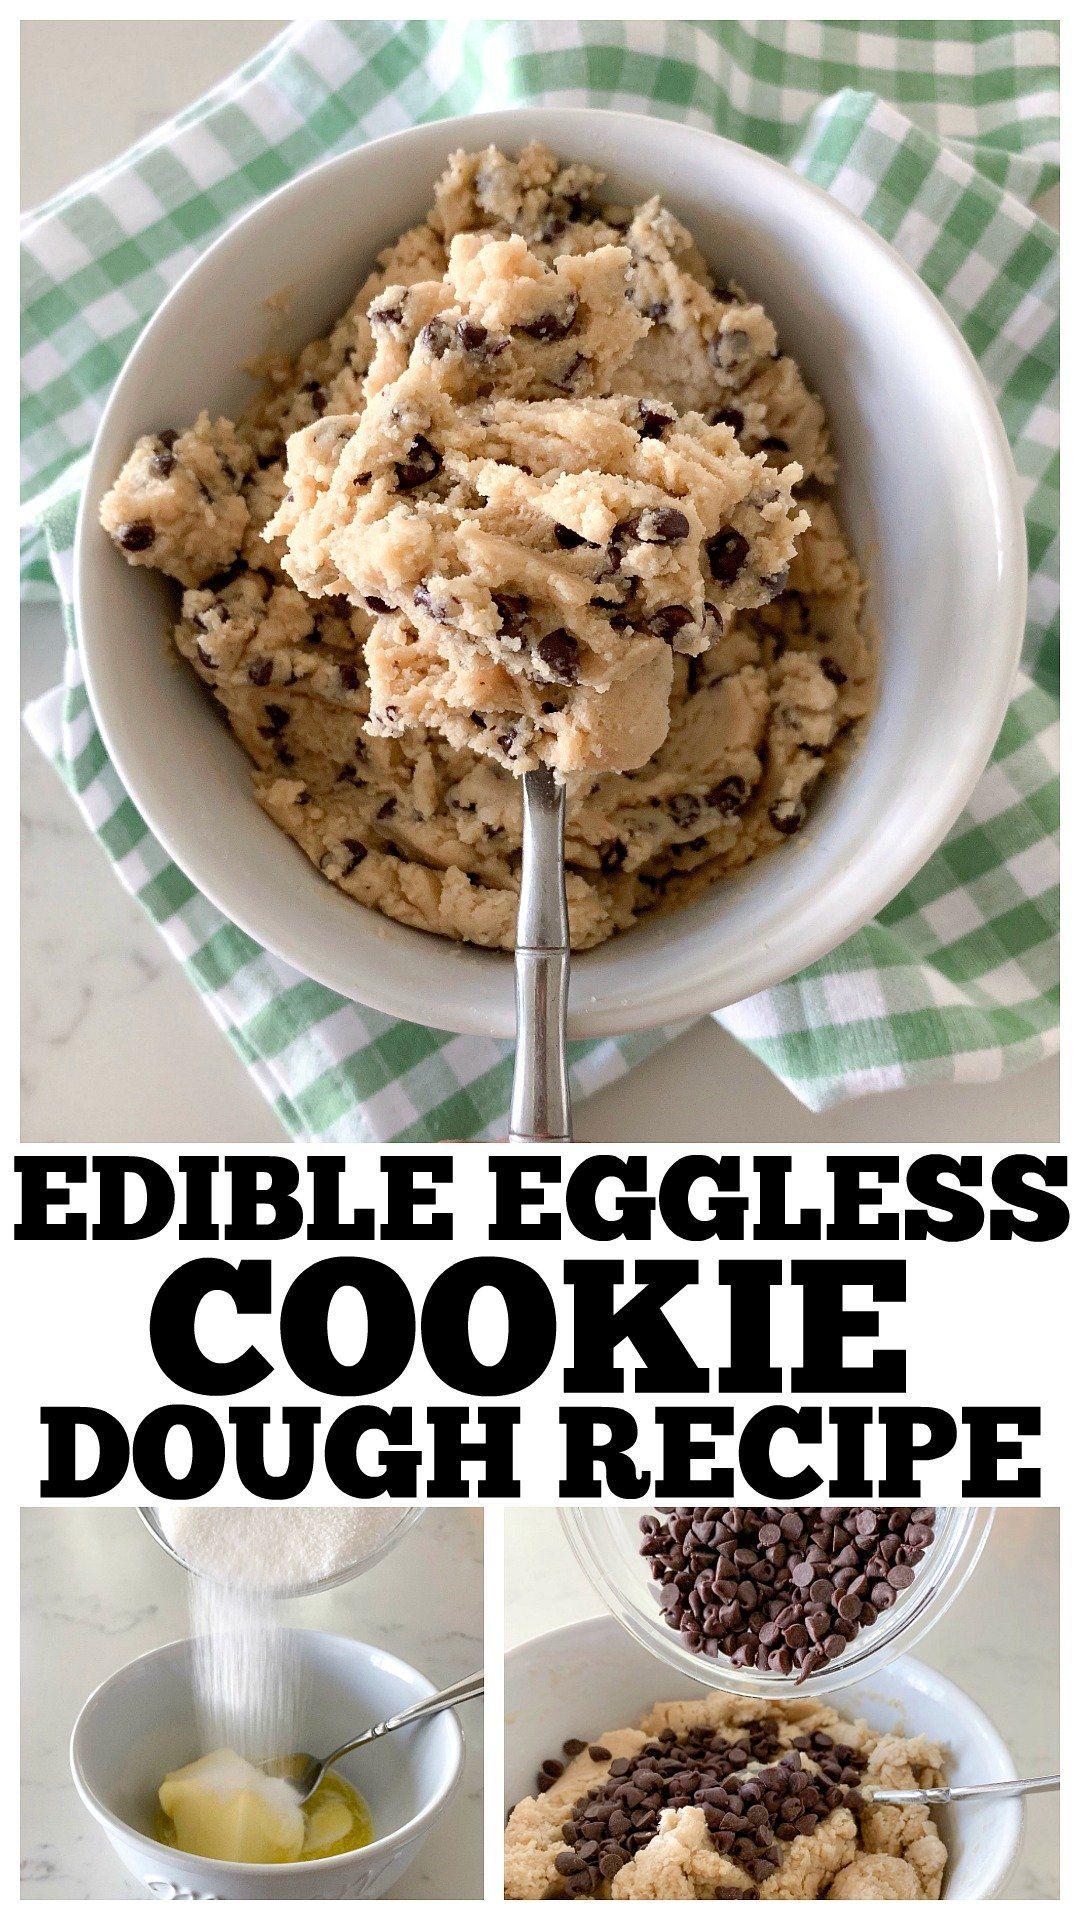 Edible Cookie Dough Best Edible Cookie Dough Recipe Recipe Edible Cookie Dough Recipe For One Edible Cookie Dough Recipe Cookie Dough Recipes